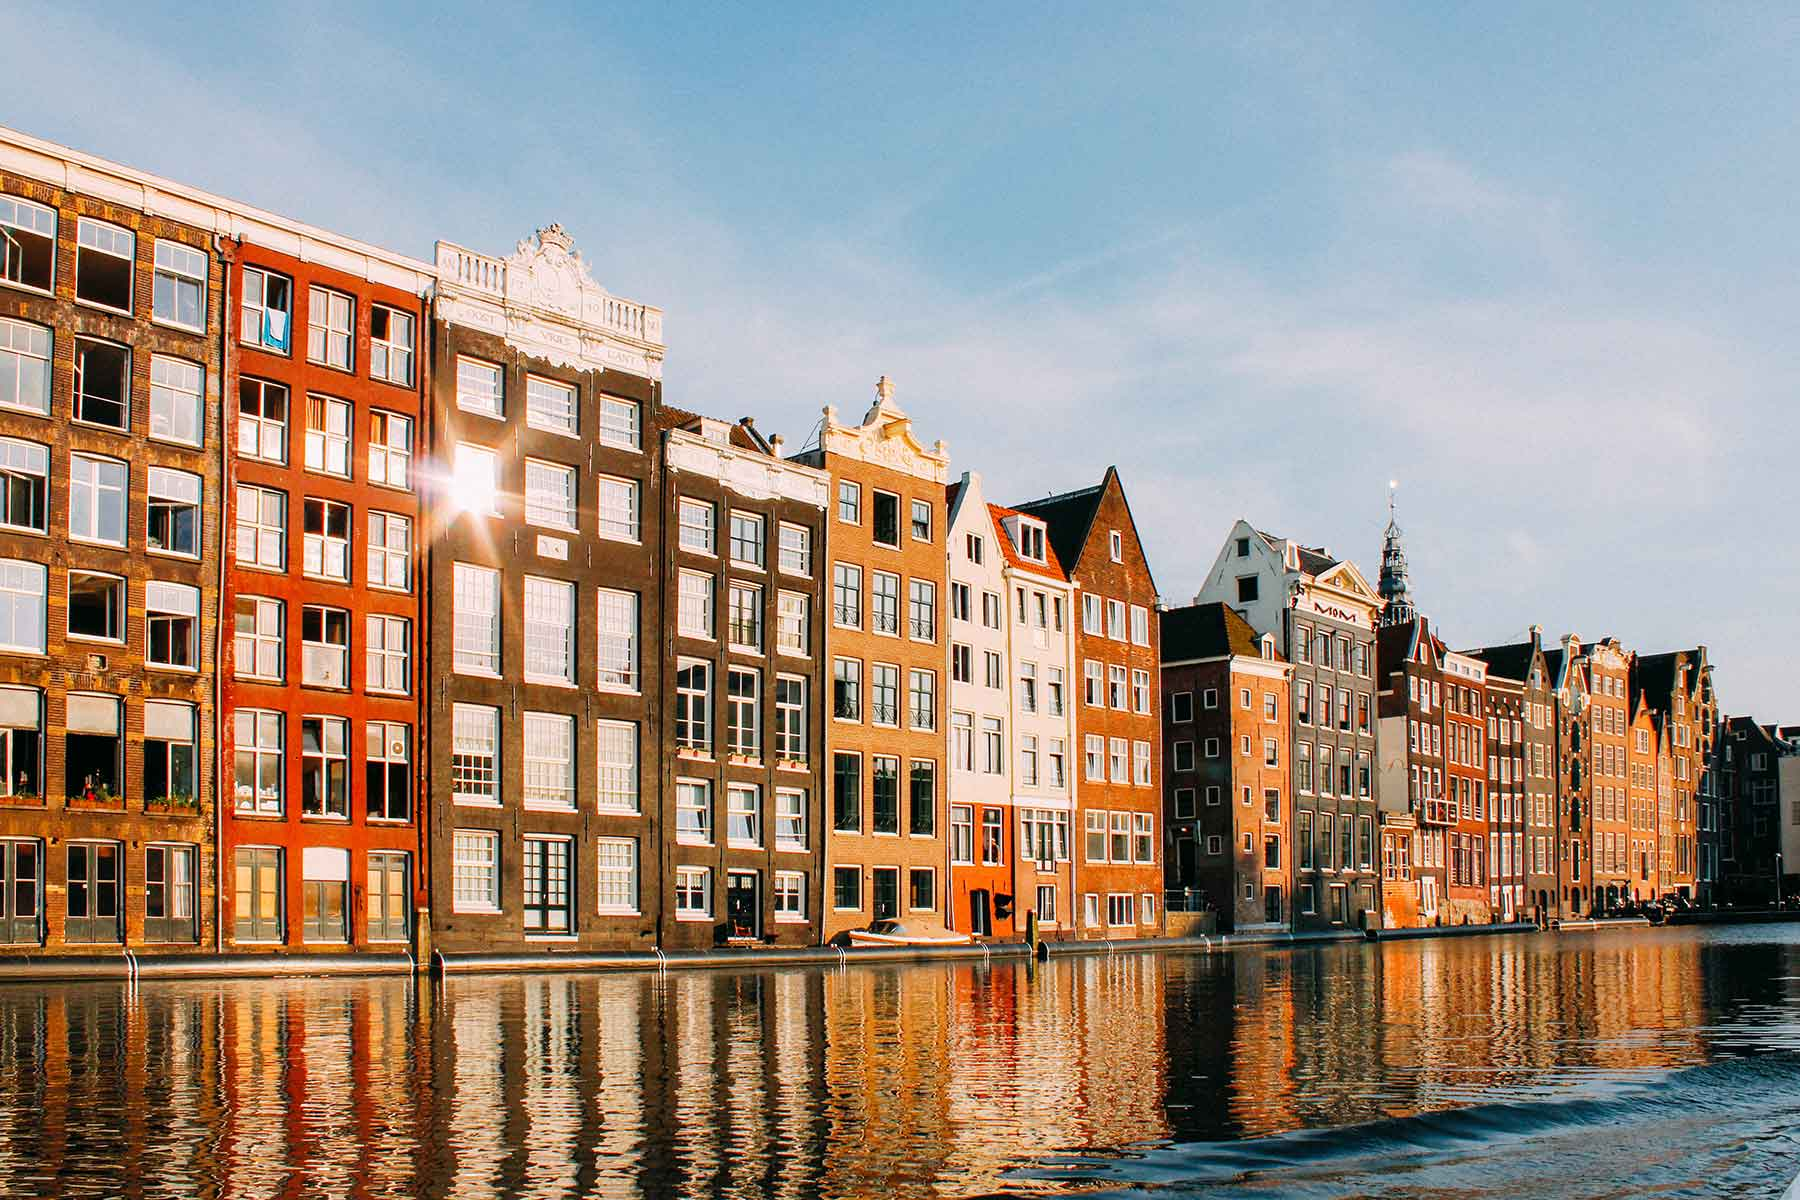 Resor-till-Amsterdam-med-Nygren-Lind-Resebyrå---kanal-och-hus